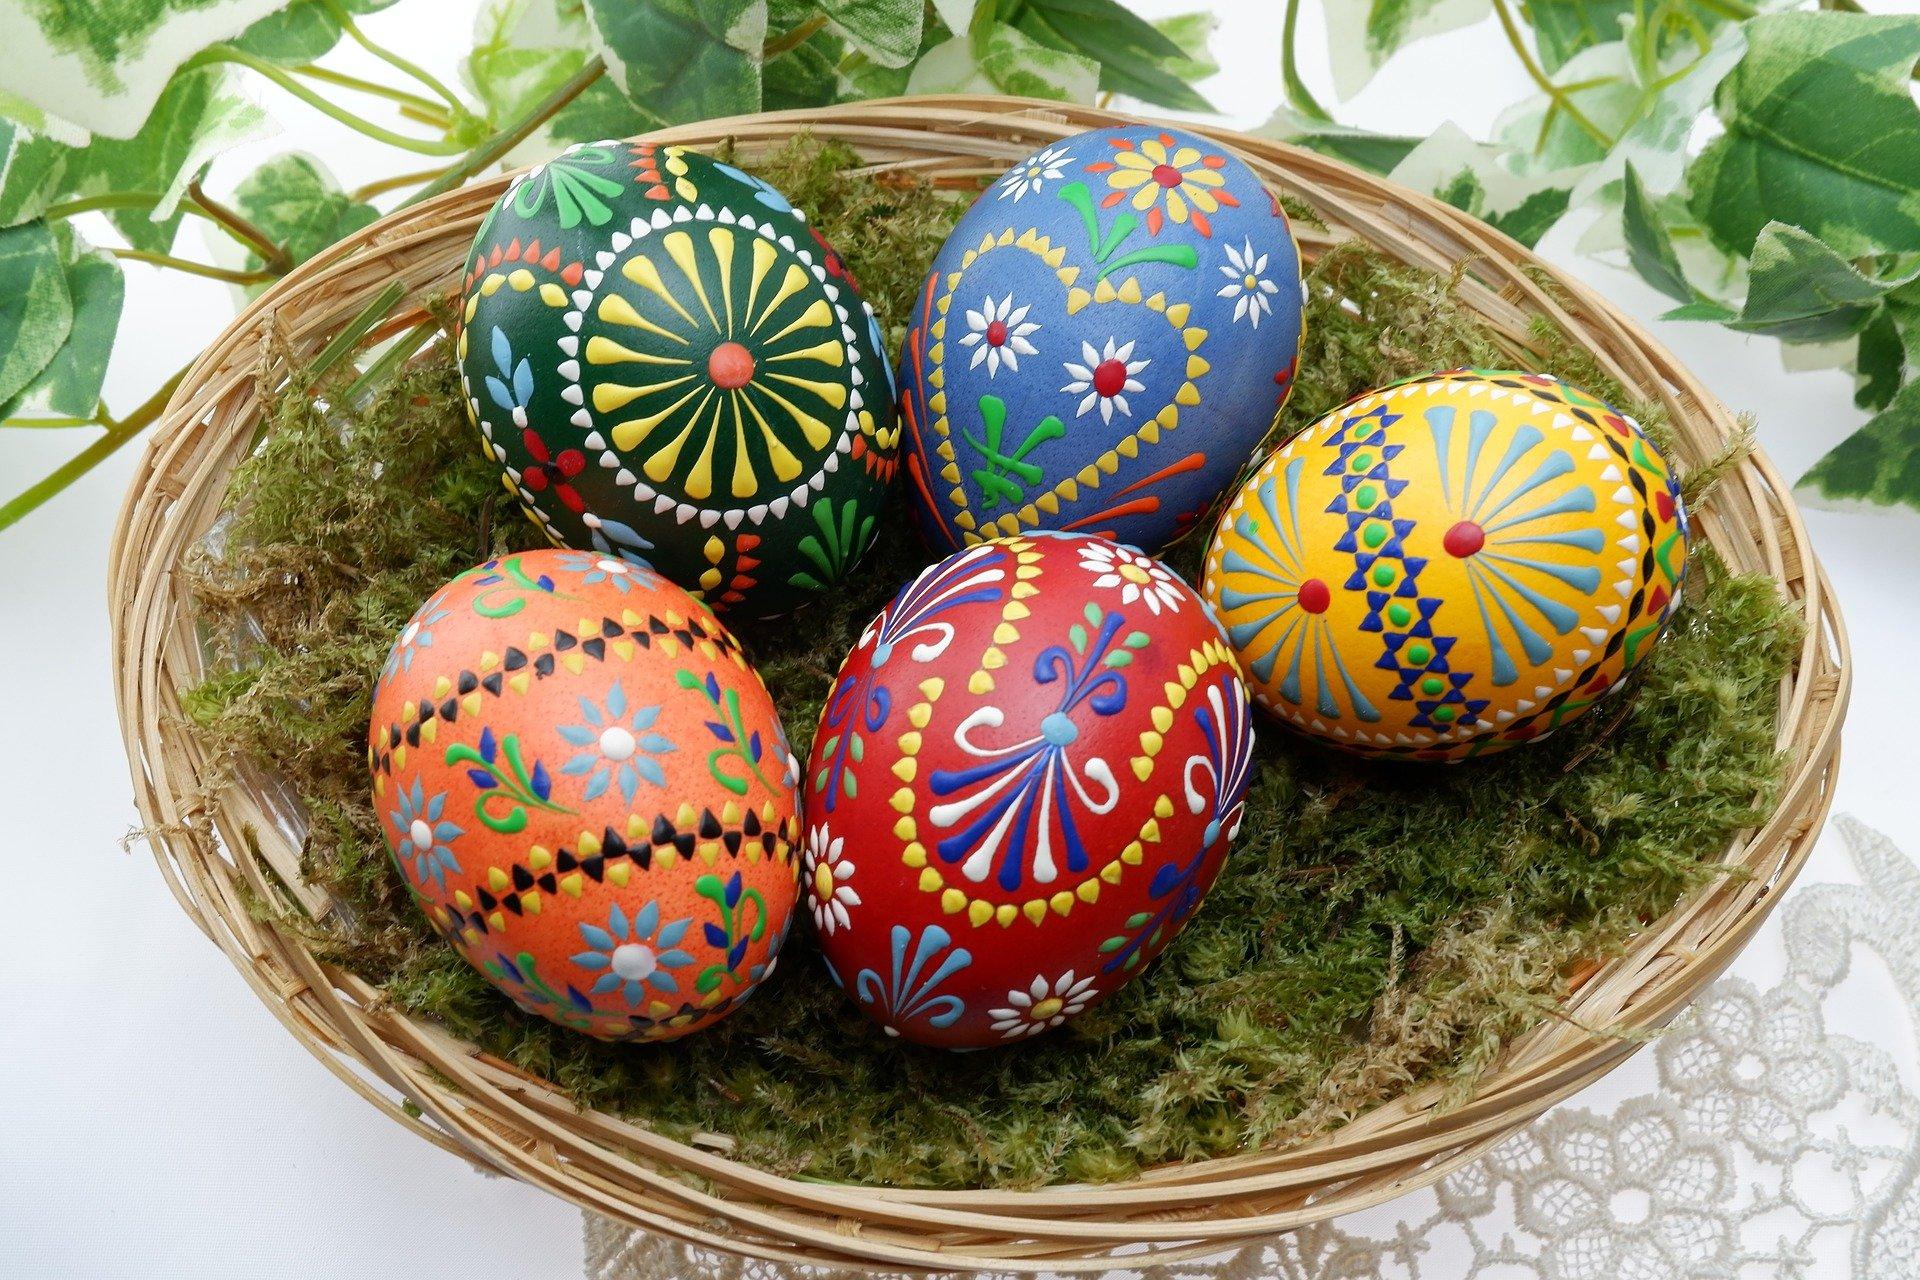 Las manualidades de Rosaleda Kids Club: decoración de los huevos con pinturas